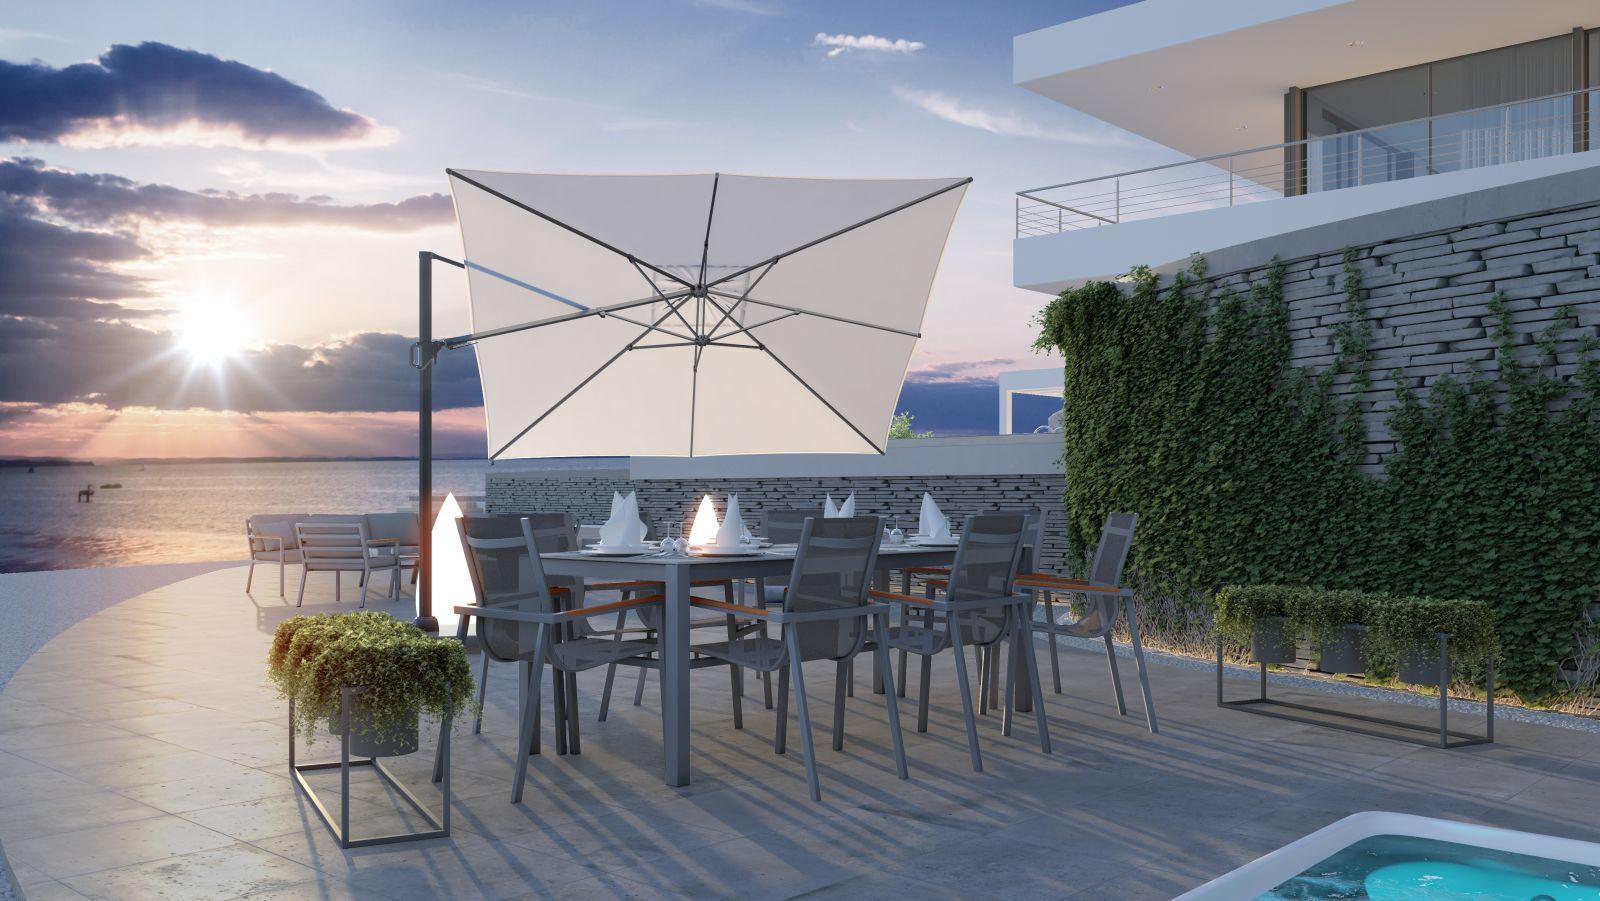 5c360405acd09 Záhradný nábytok sa stáva jedným z najdôležitejších prvkov v moderných  domácnostiach. Je preto dôležité vedieť si správne vybrať.